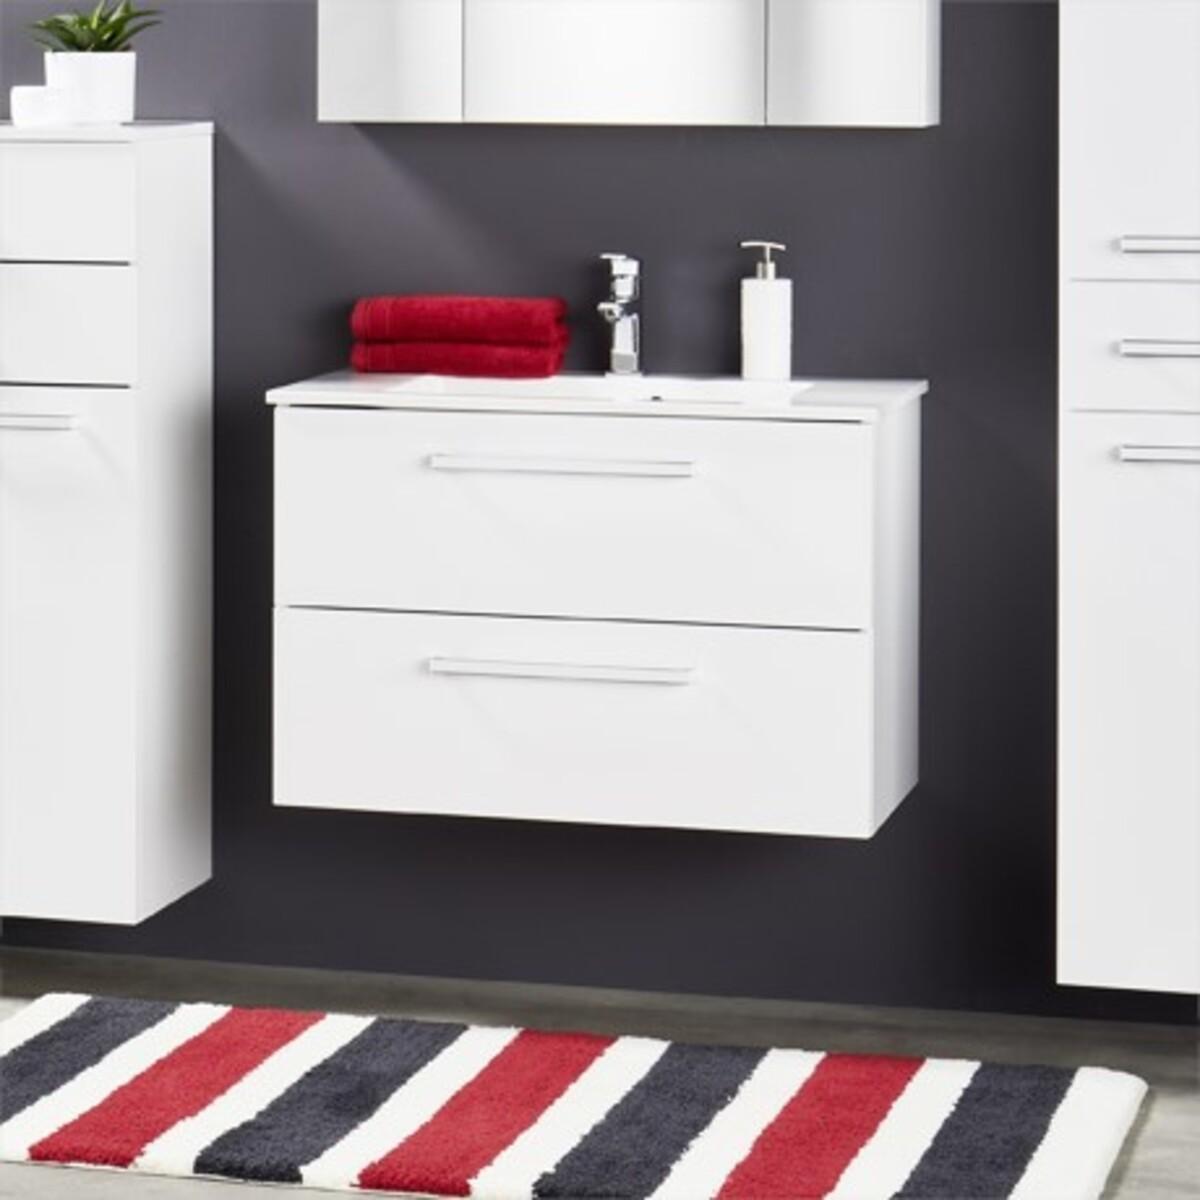 Bild 1 von Bad-Waschtisch inkl. Mineralguss-Waschbecken